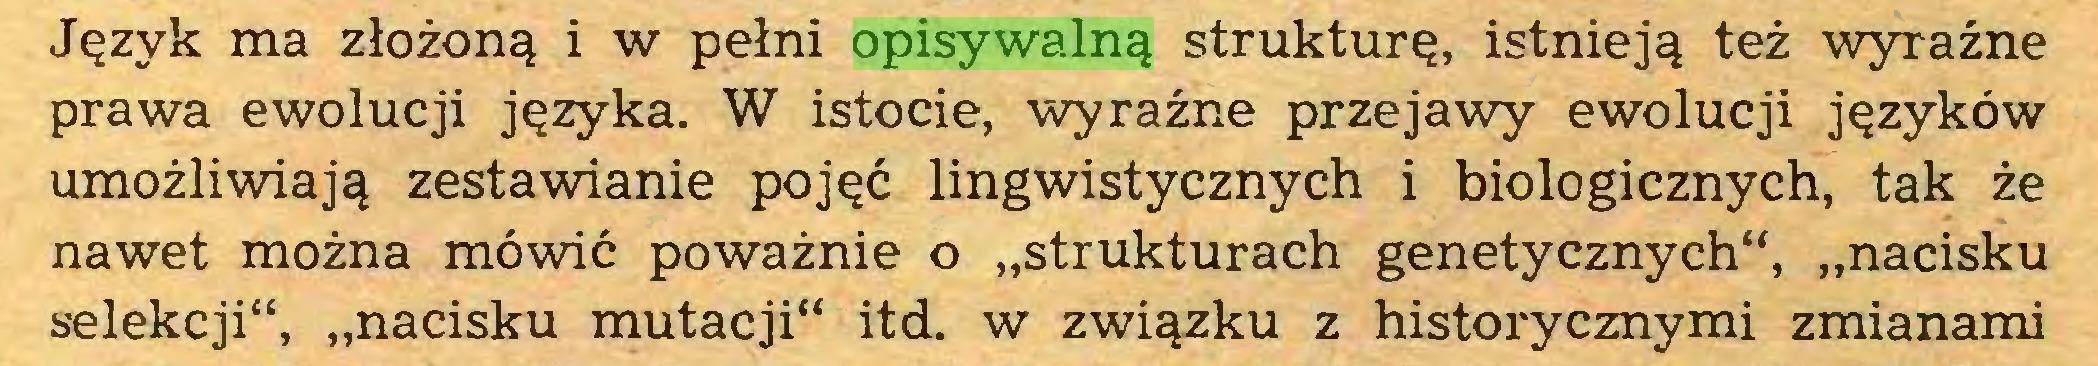 """(...) Język ma złożoną i w pełni opisywalną strukturę, istnieją też wyraźne prawa ewolucji języka. W istocie, wyraźne przejawy ewolucji języków umożliwiają zestawianie pojęć lingwistycznych i biologicznych, tak że nawet można mówić poważnie o """"strukturach genetycznych"""", """"nacisku selekcji"""", """"nacisku mutacji"""" itd. w związku z historycznymi zmianami..."""